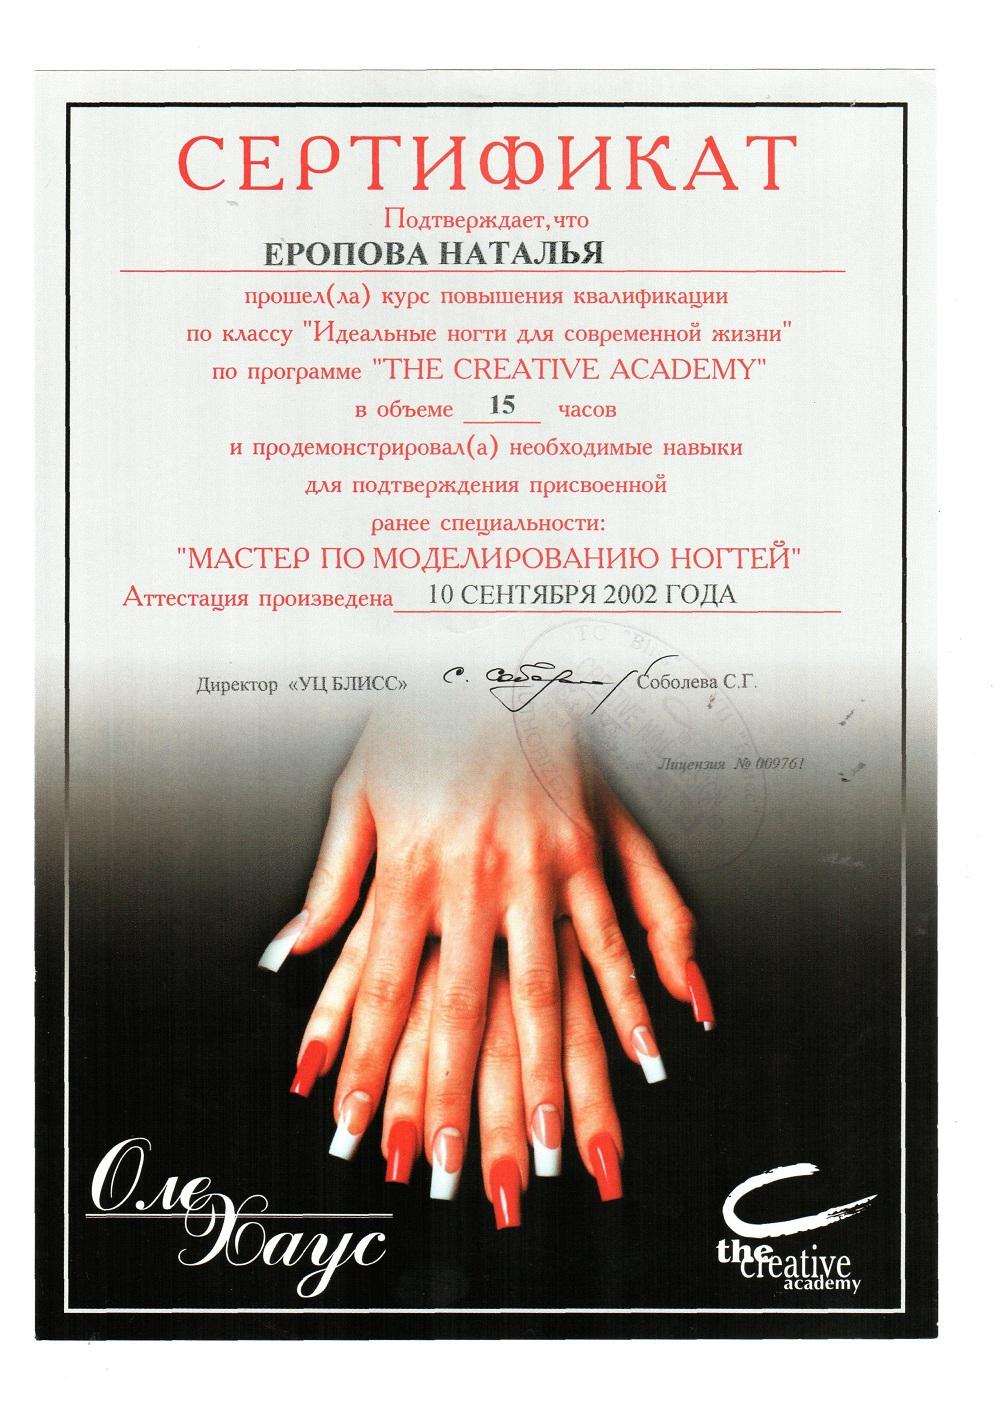 2002 подтверждение квалификации мастер по моделированию ногтей